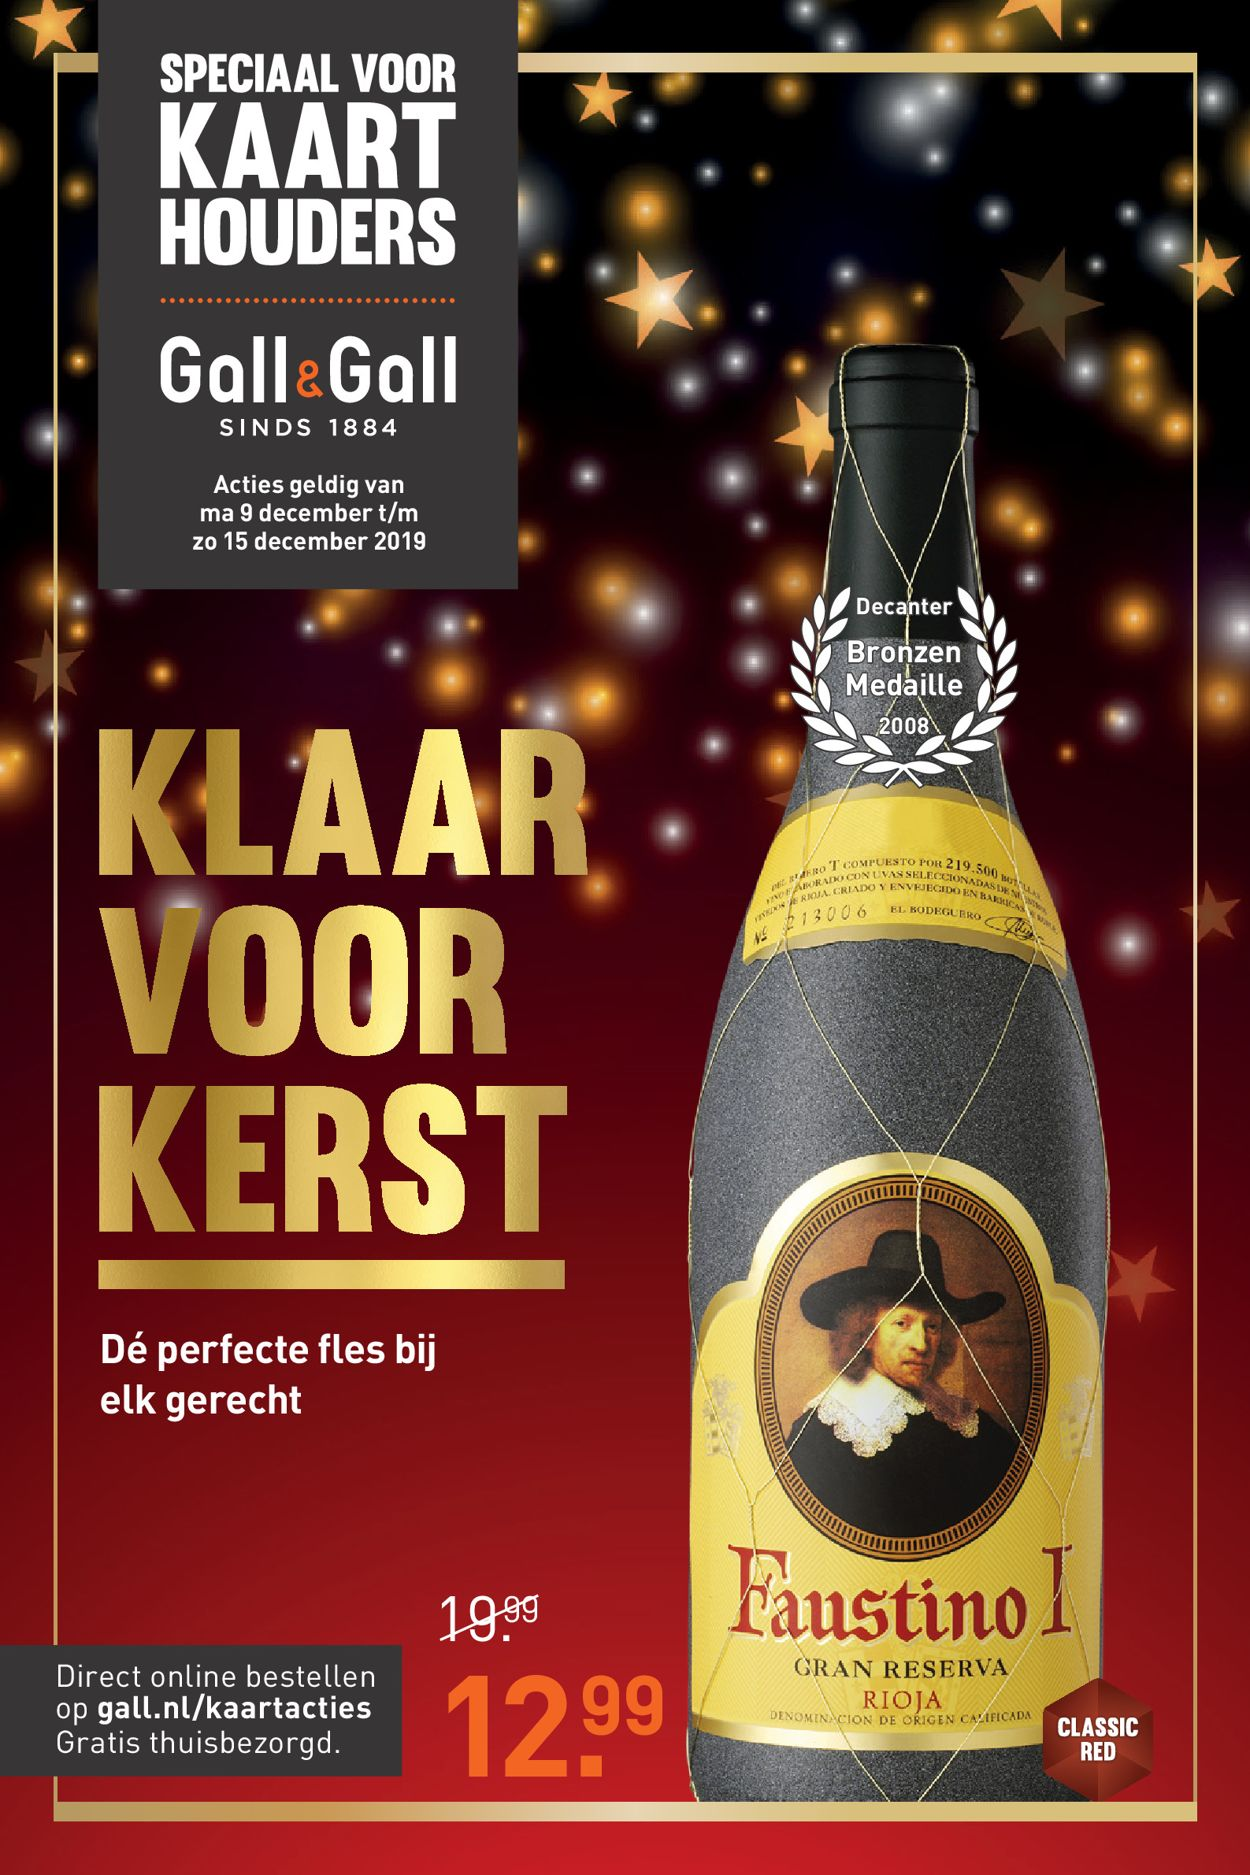 Gall & Gall - Kerstaanbieding 2019 Folder - 09.12-15.12.2019